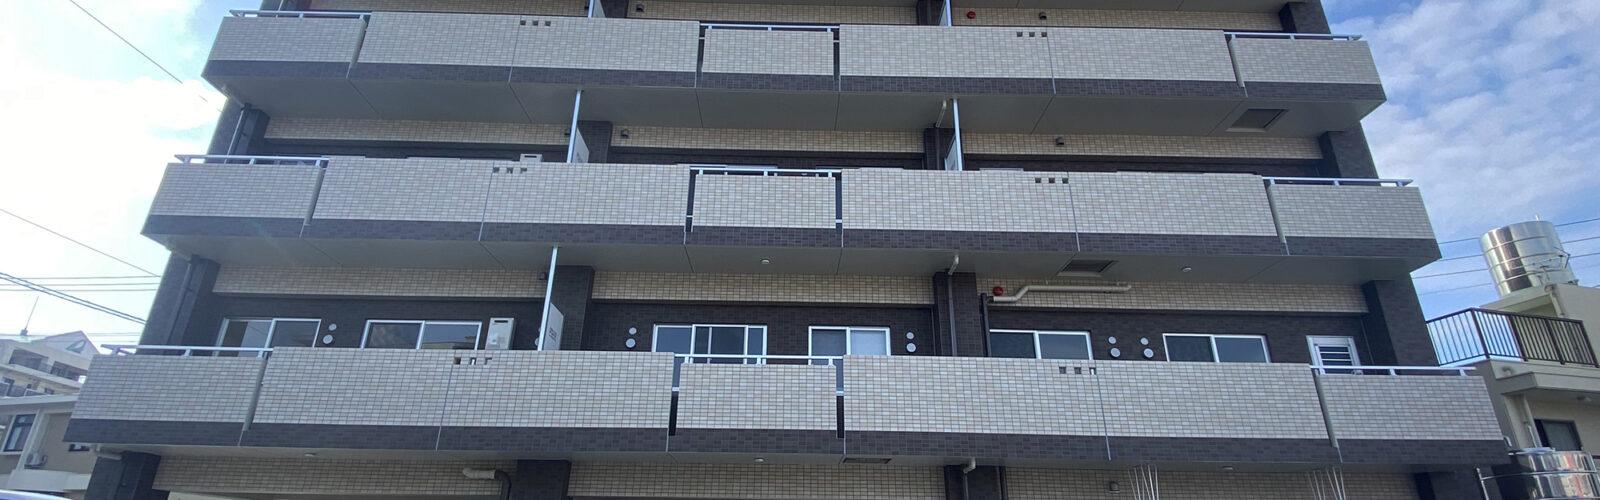 限られた土地を有効活用し、姉弟2人のオーナーが入居する住宅兼賃貸マンションに。